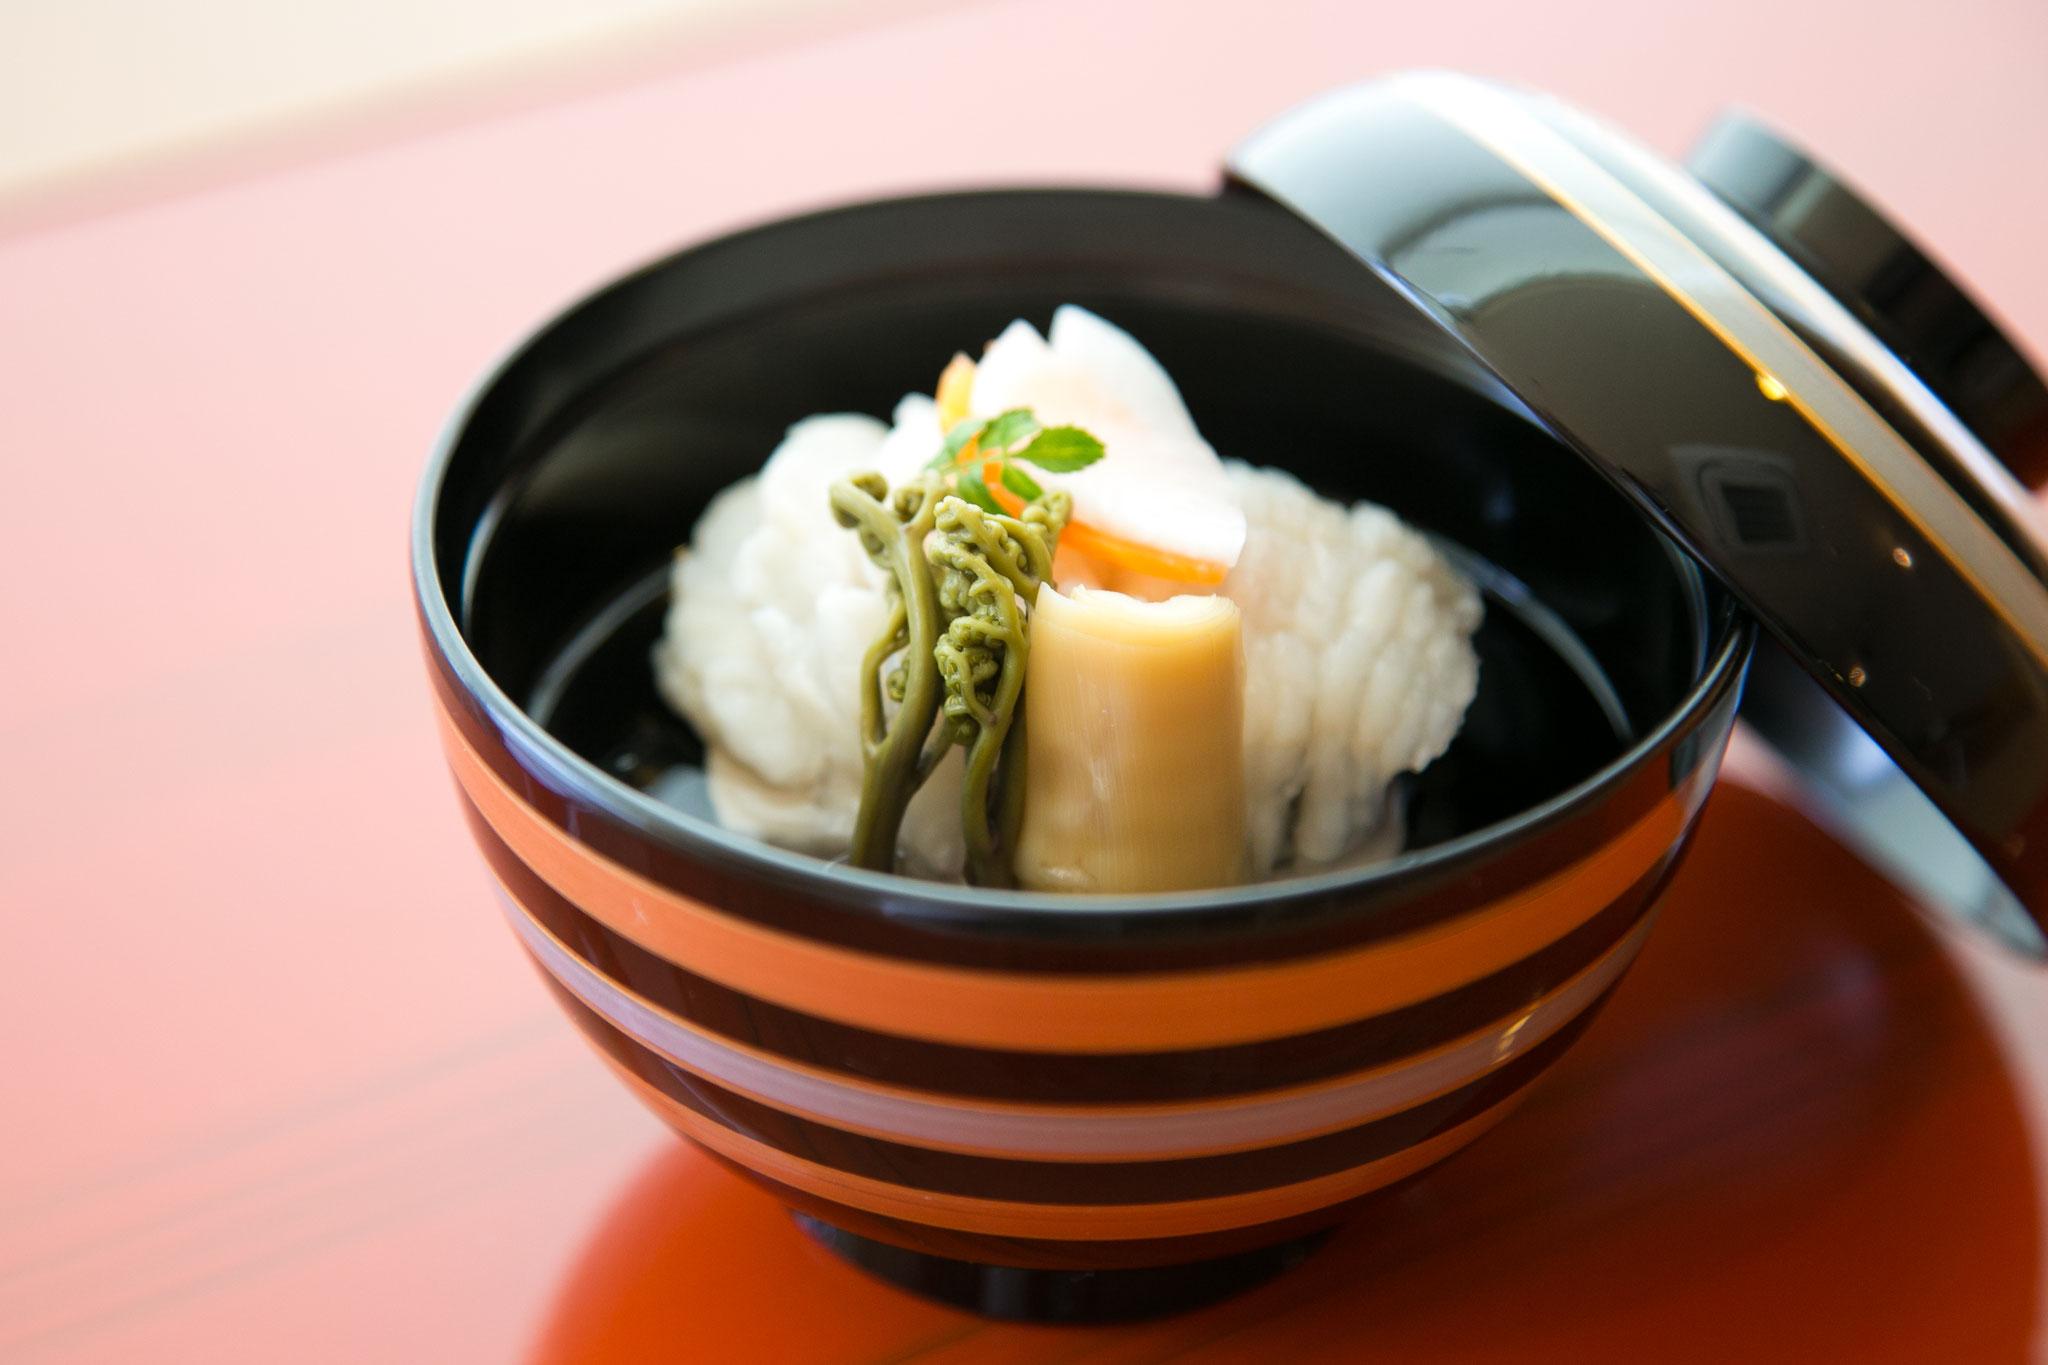 富士吉田でもっと和食を楽しもう!